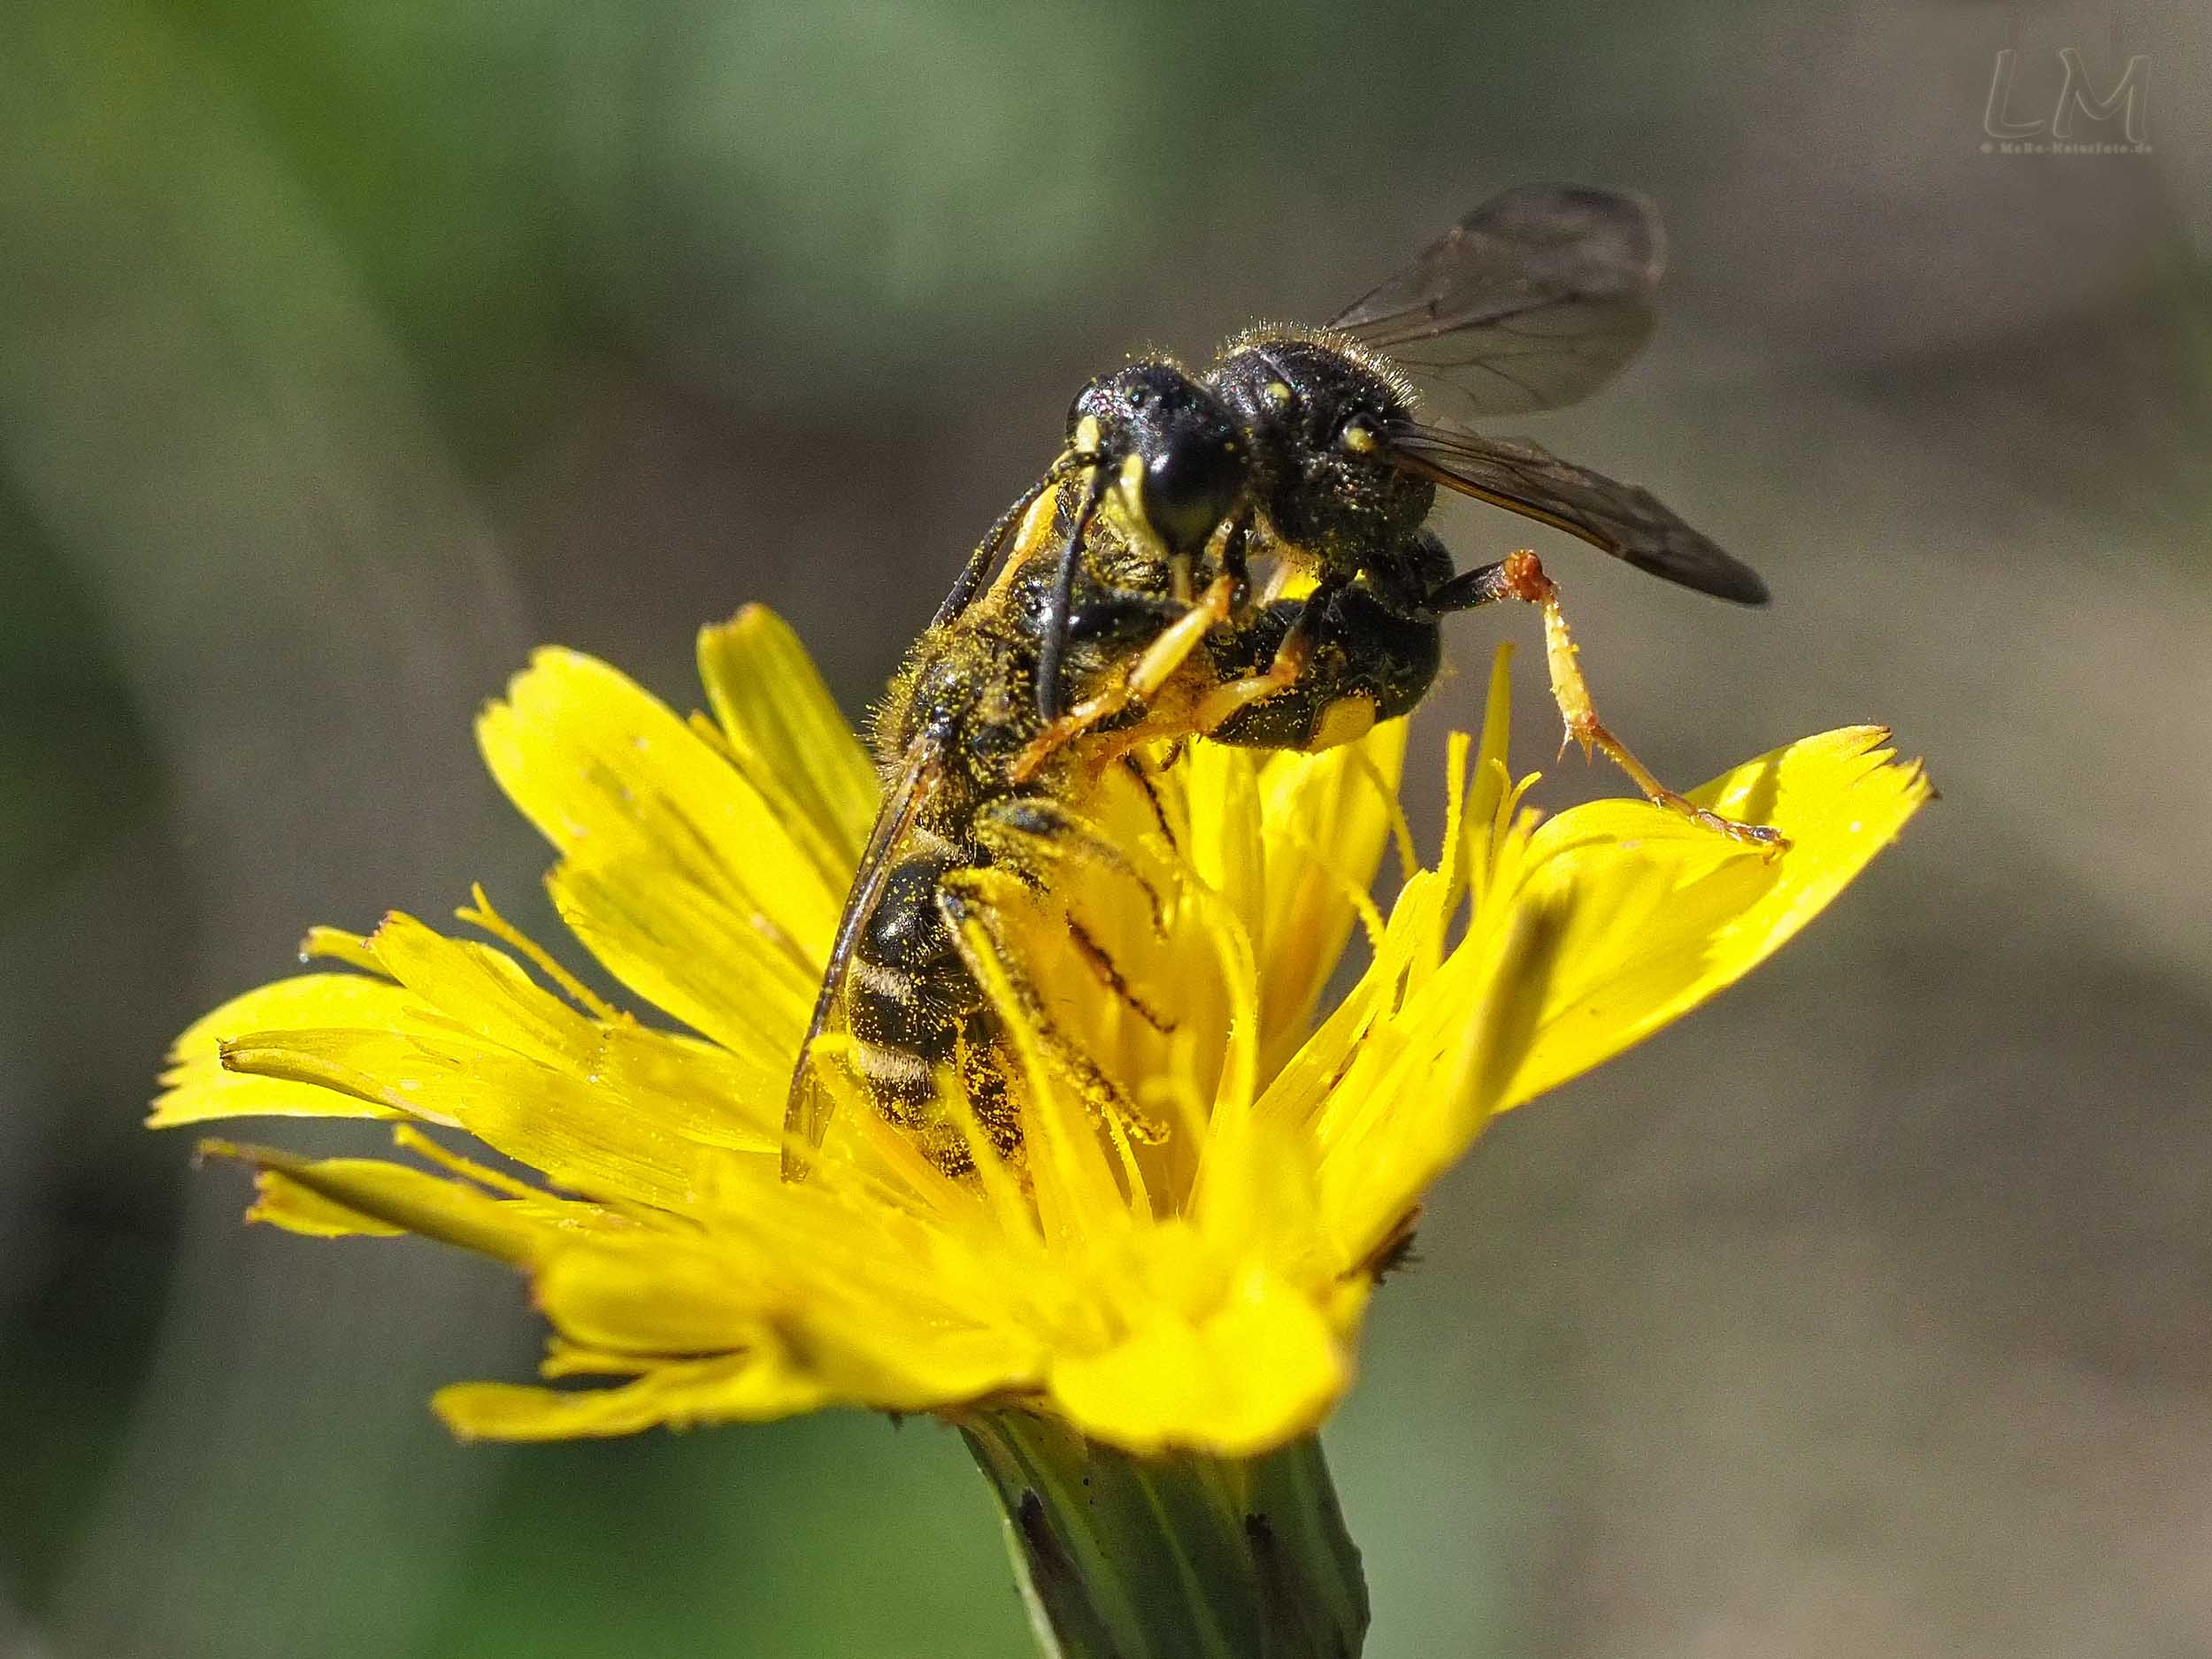 Grabwespe betäubt Wildbiene